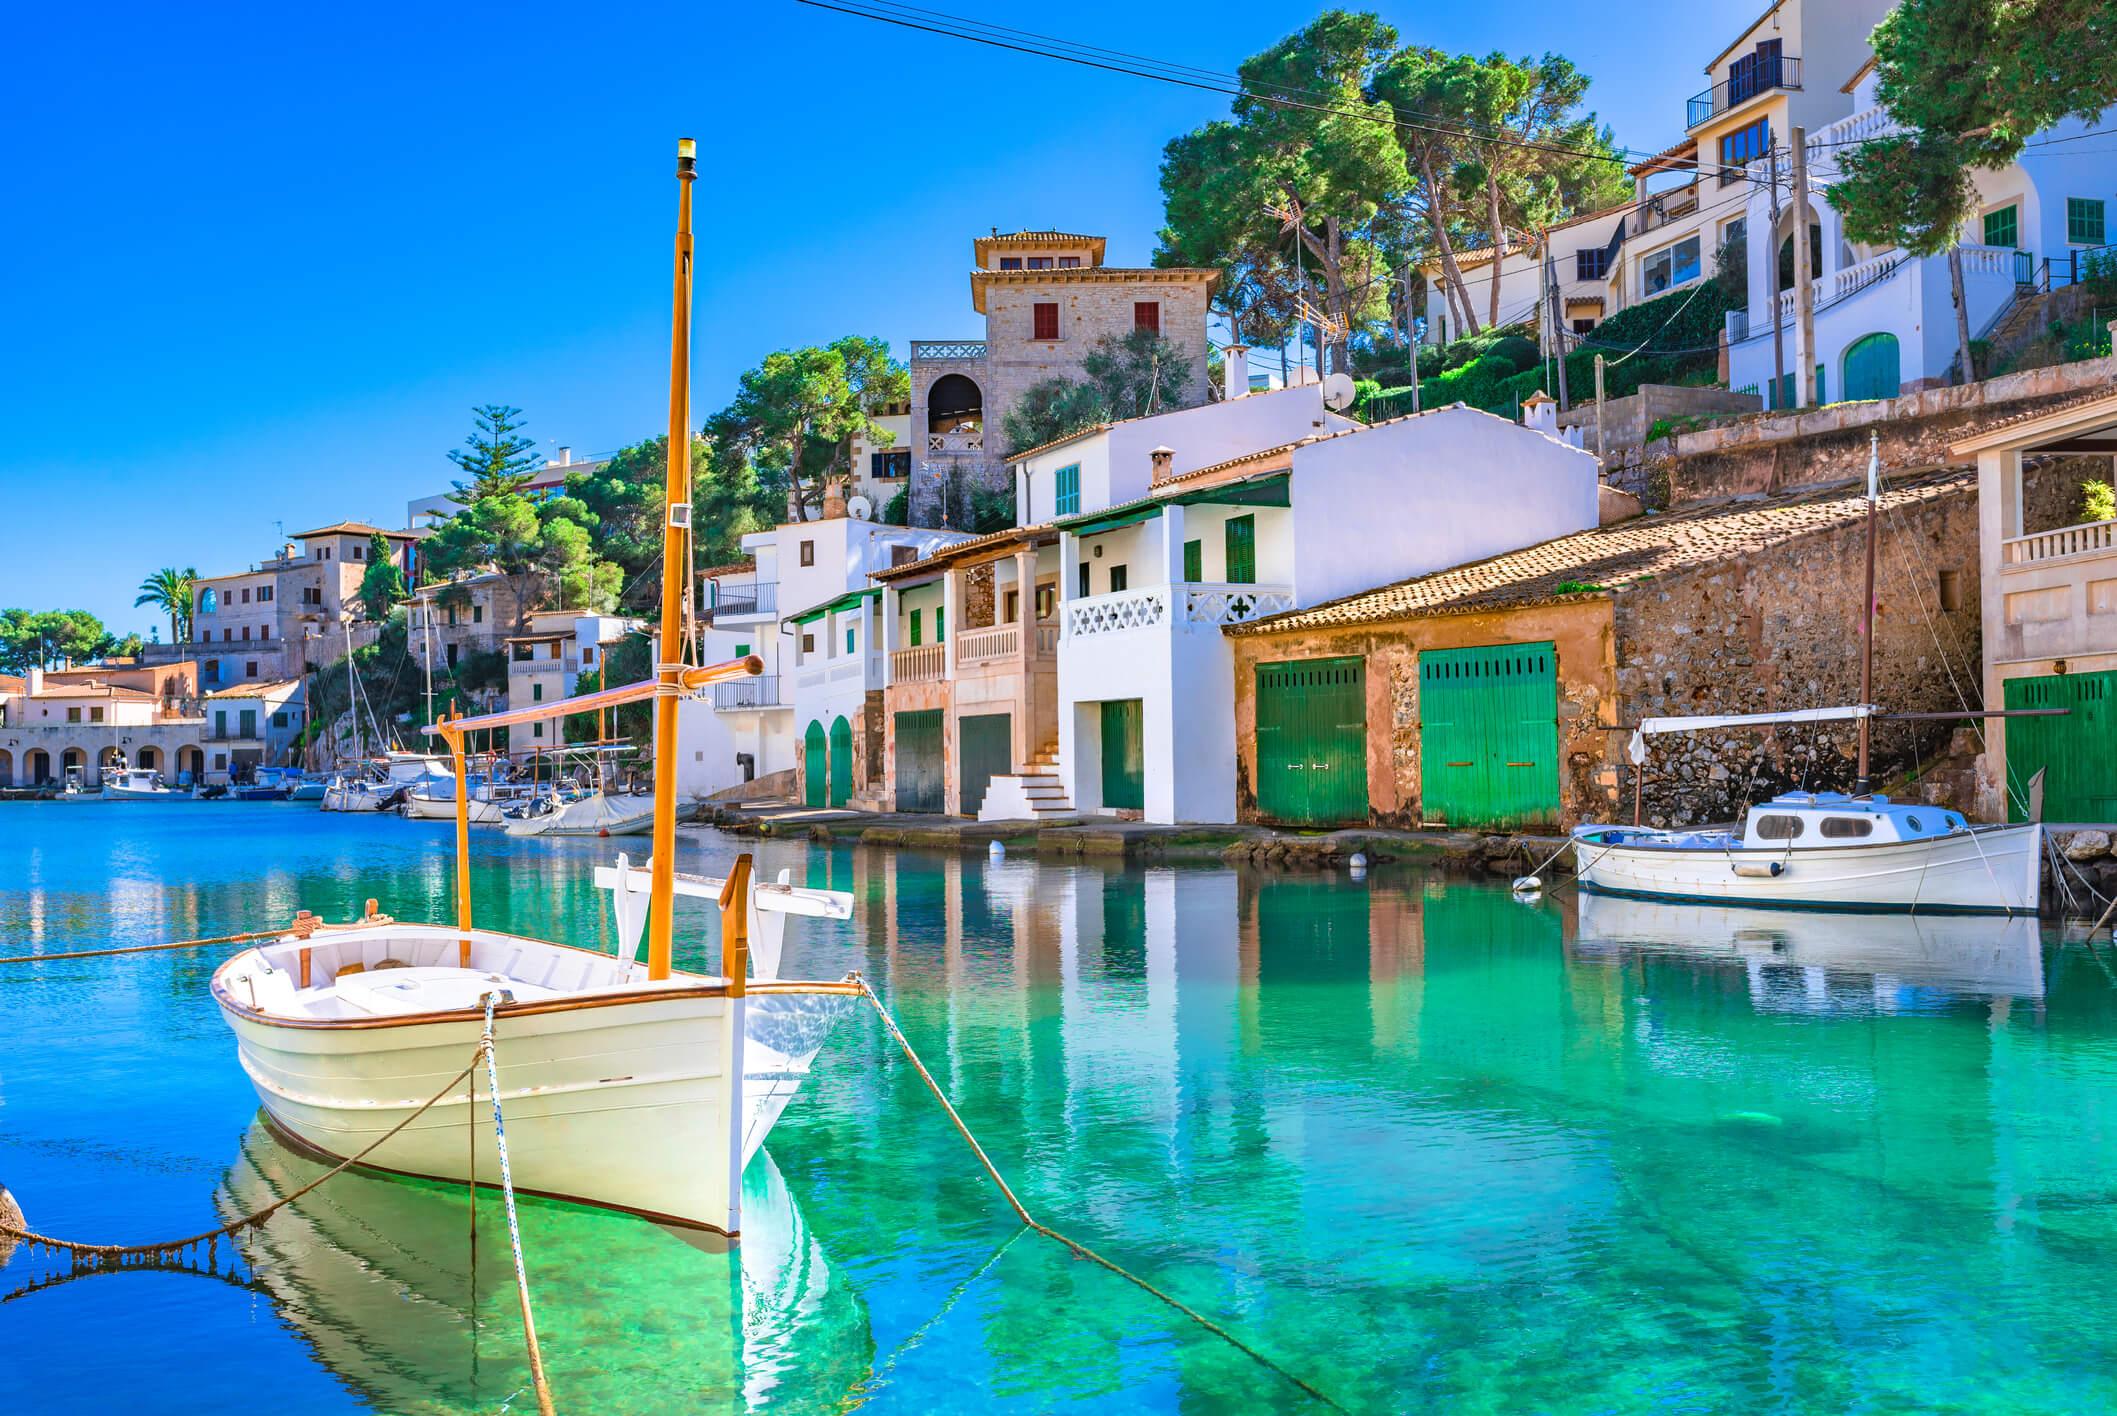 Fischerhafen auf Mallorca – das liebste Reiseziel der Deutschen.